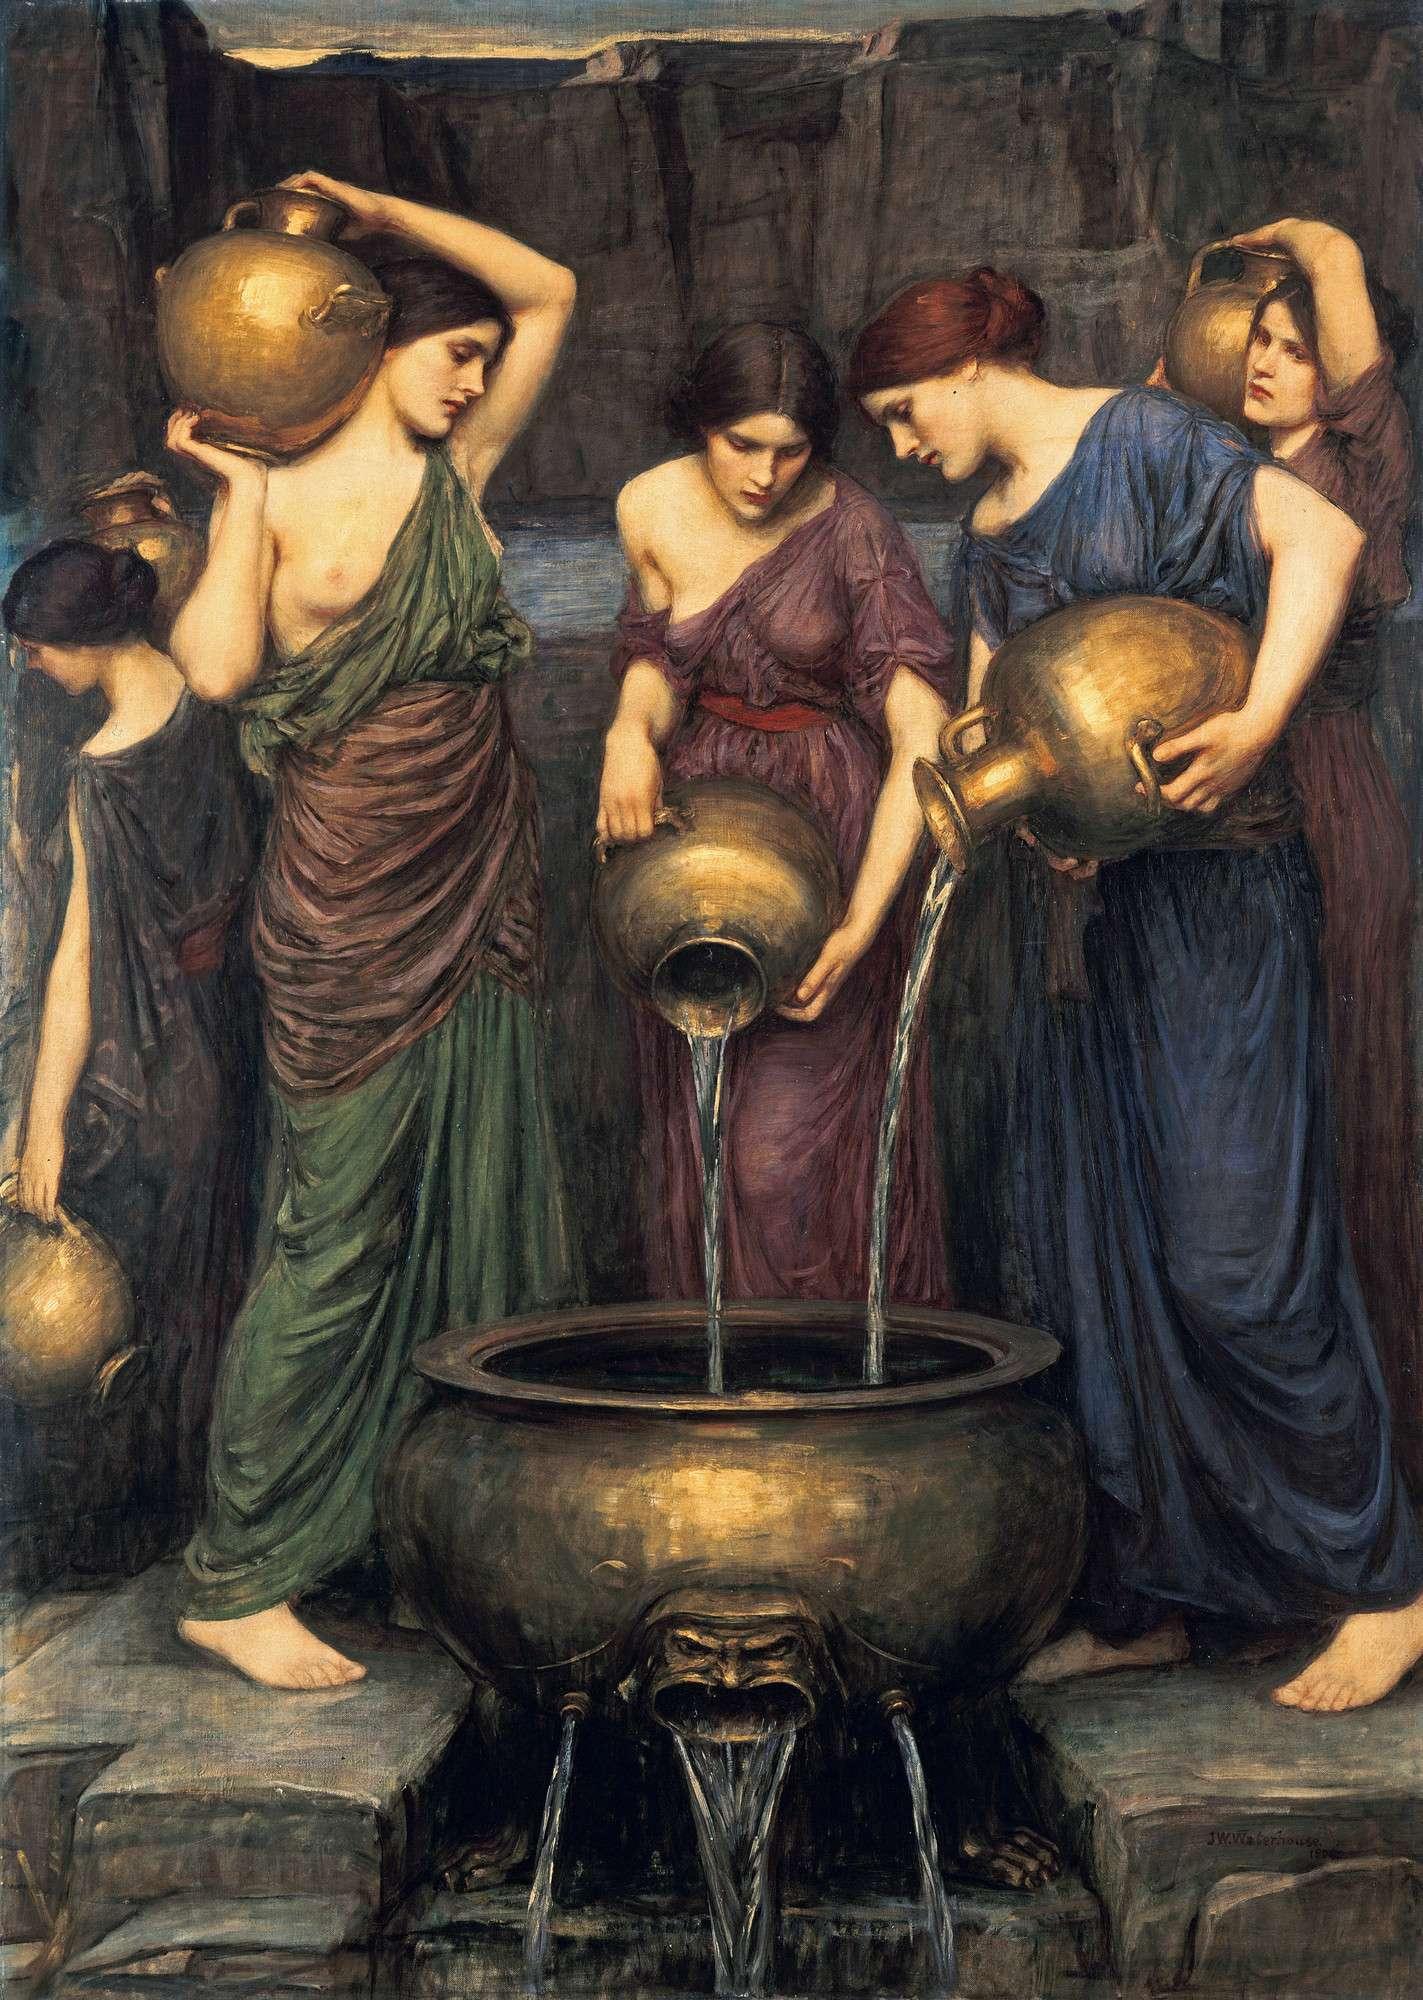 Σύμφωνα με μία παράδοση, οι κόρες του Δαναού, οι Δαναΐδες, καταδικάστηκαν μετά τον θάνατό τους και την κάθοδό τους στον Άδη να μεταφέρουν και να ρίχνουν αιώνια νερό σε ένα πιθάρι με τρύπες («τετρημένον πίθον») για να τιμωρηθούν δήθεν για τη δολοφονία των συζύγων τους την πρώτη νύχτα του γάμου. John William Waterhouse - The Danaides (1904)